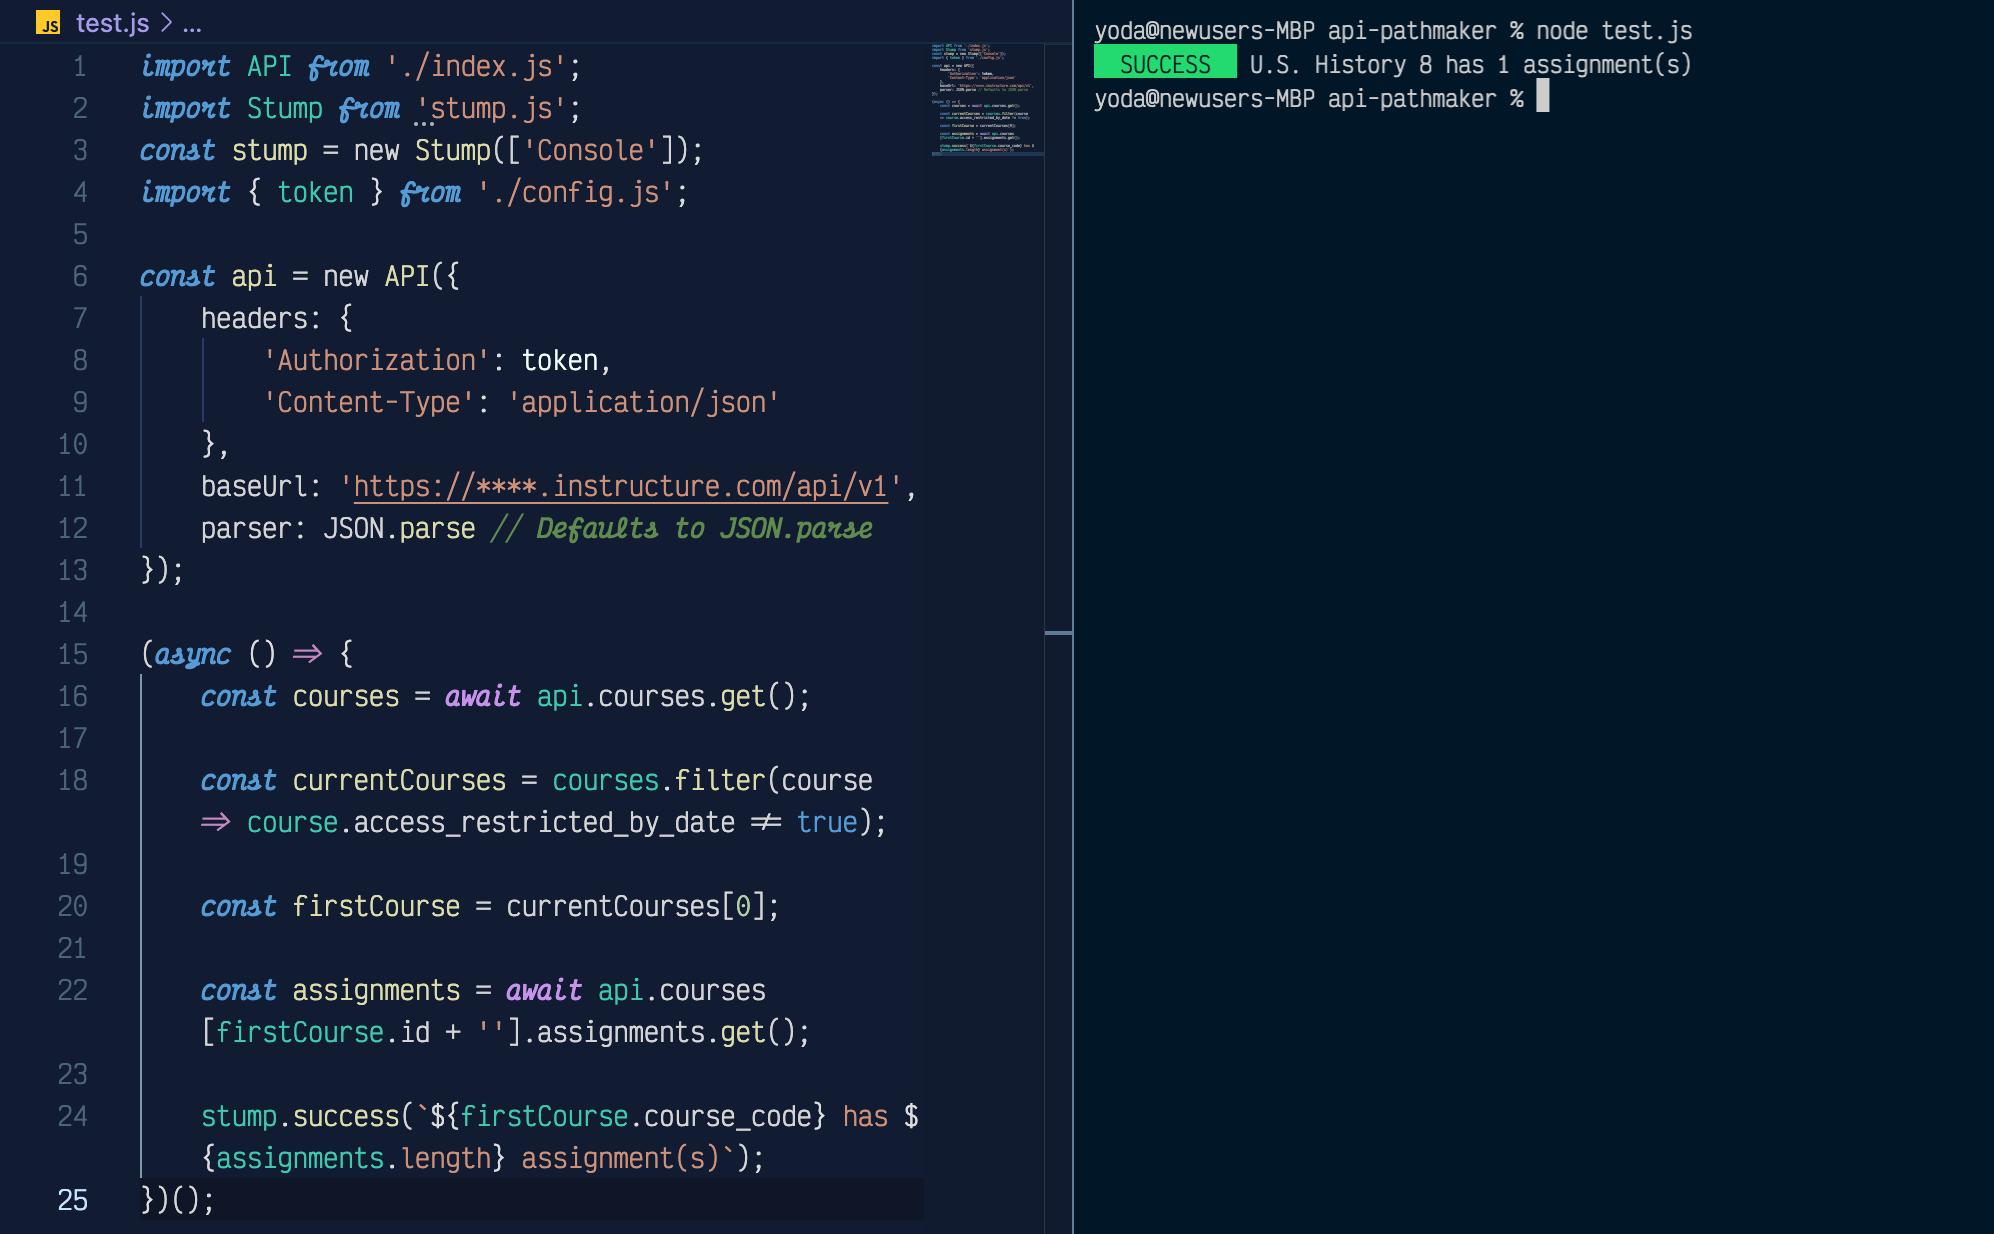 https://cloud-nf5earmxa-hack-club-bot.vercel.app/0image.png